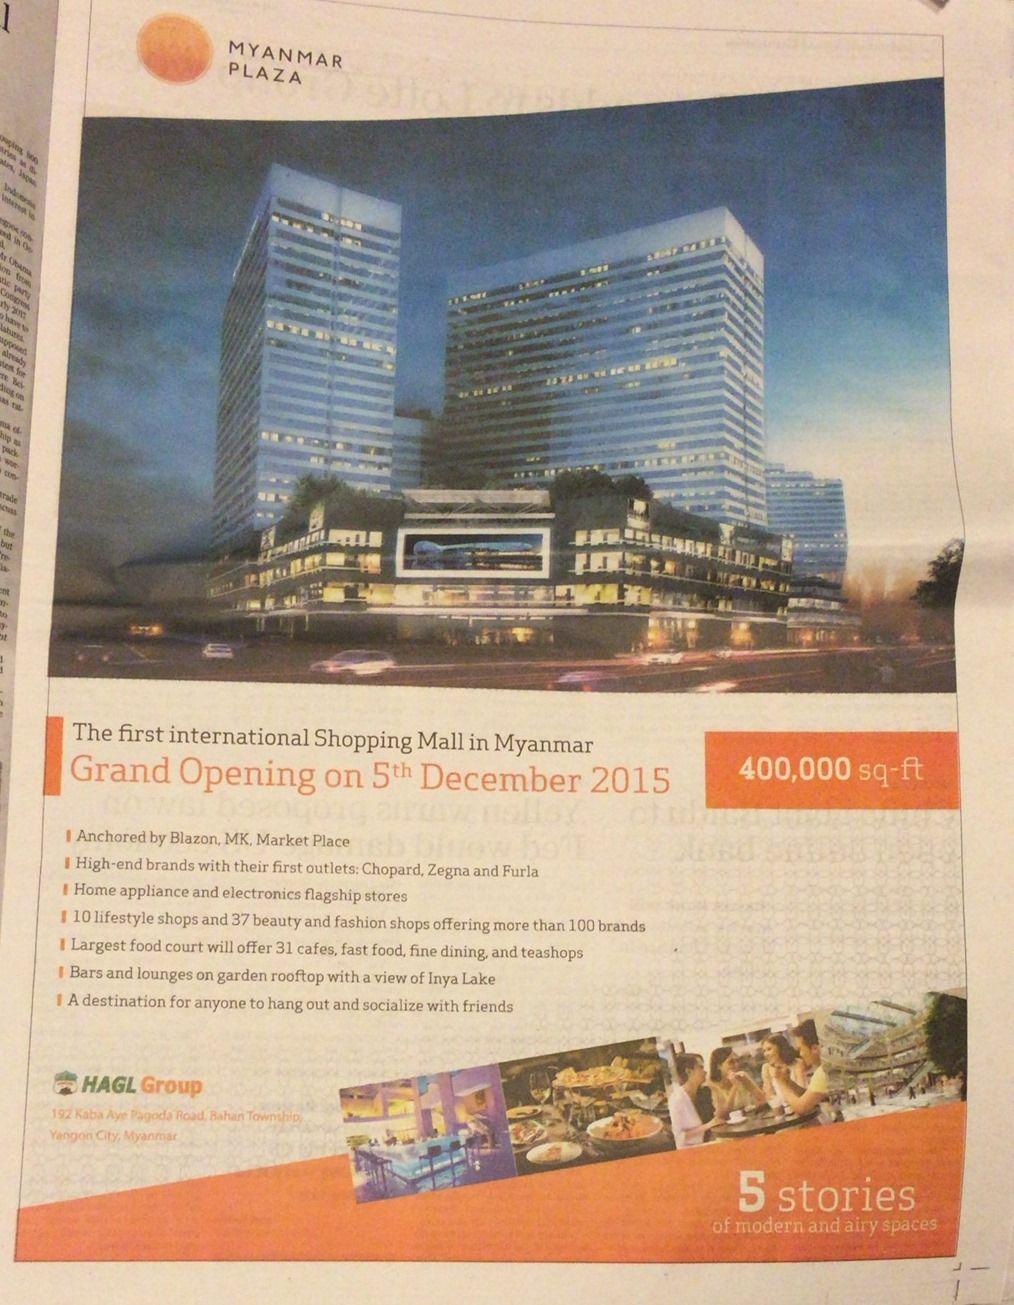 ミャンマーにも本格的なショッピングモールが誕生「Myanmar Plaza」